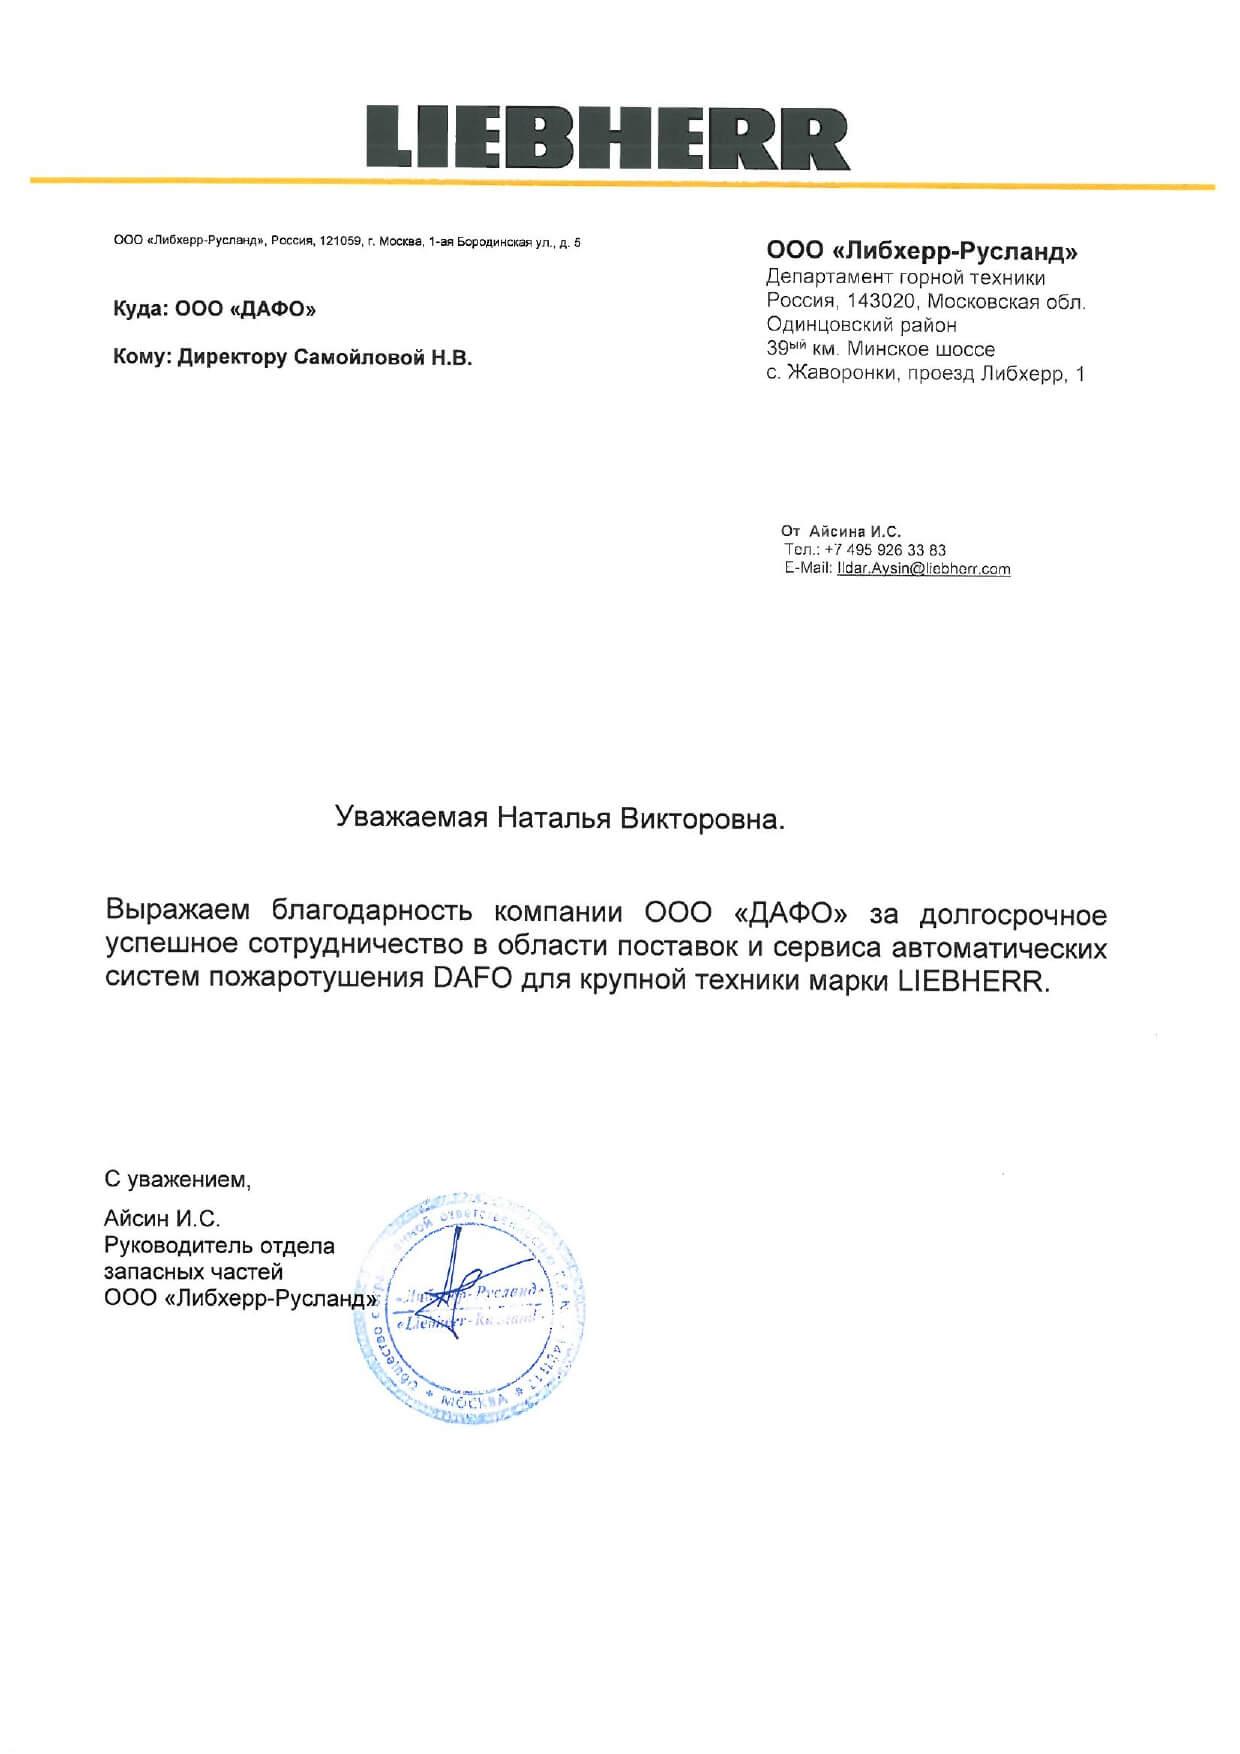 Автоматические системы пожаротушения DAFO в Красноярске и СПб